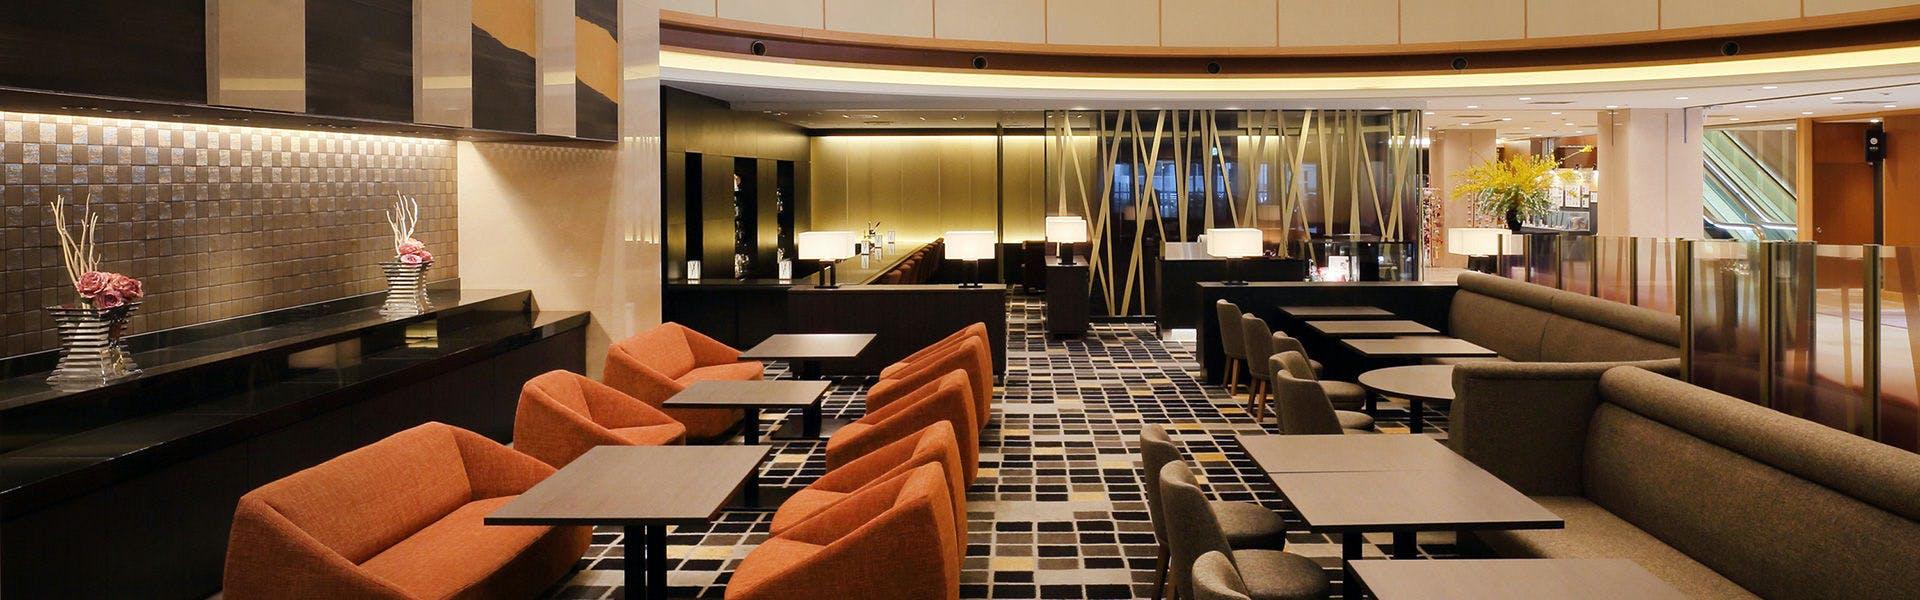 記念日におすすめのホテル・【ホテルメトロポリタン山形】 の空室状況を確認するの写真1